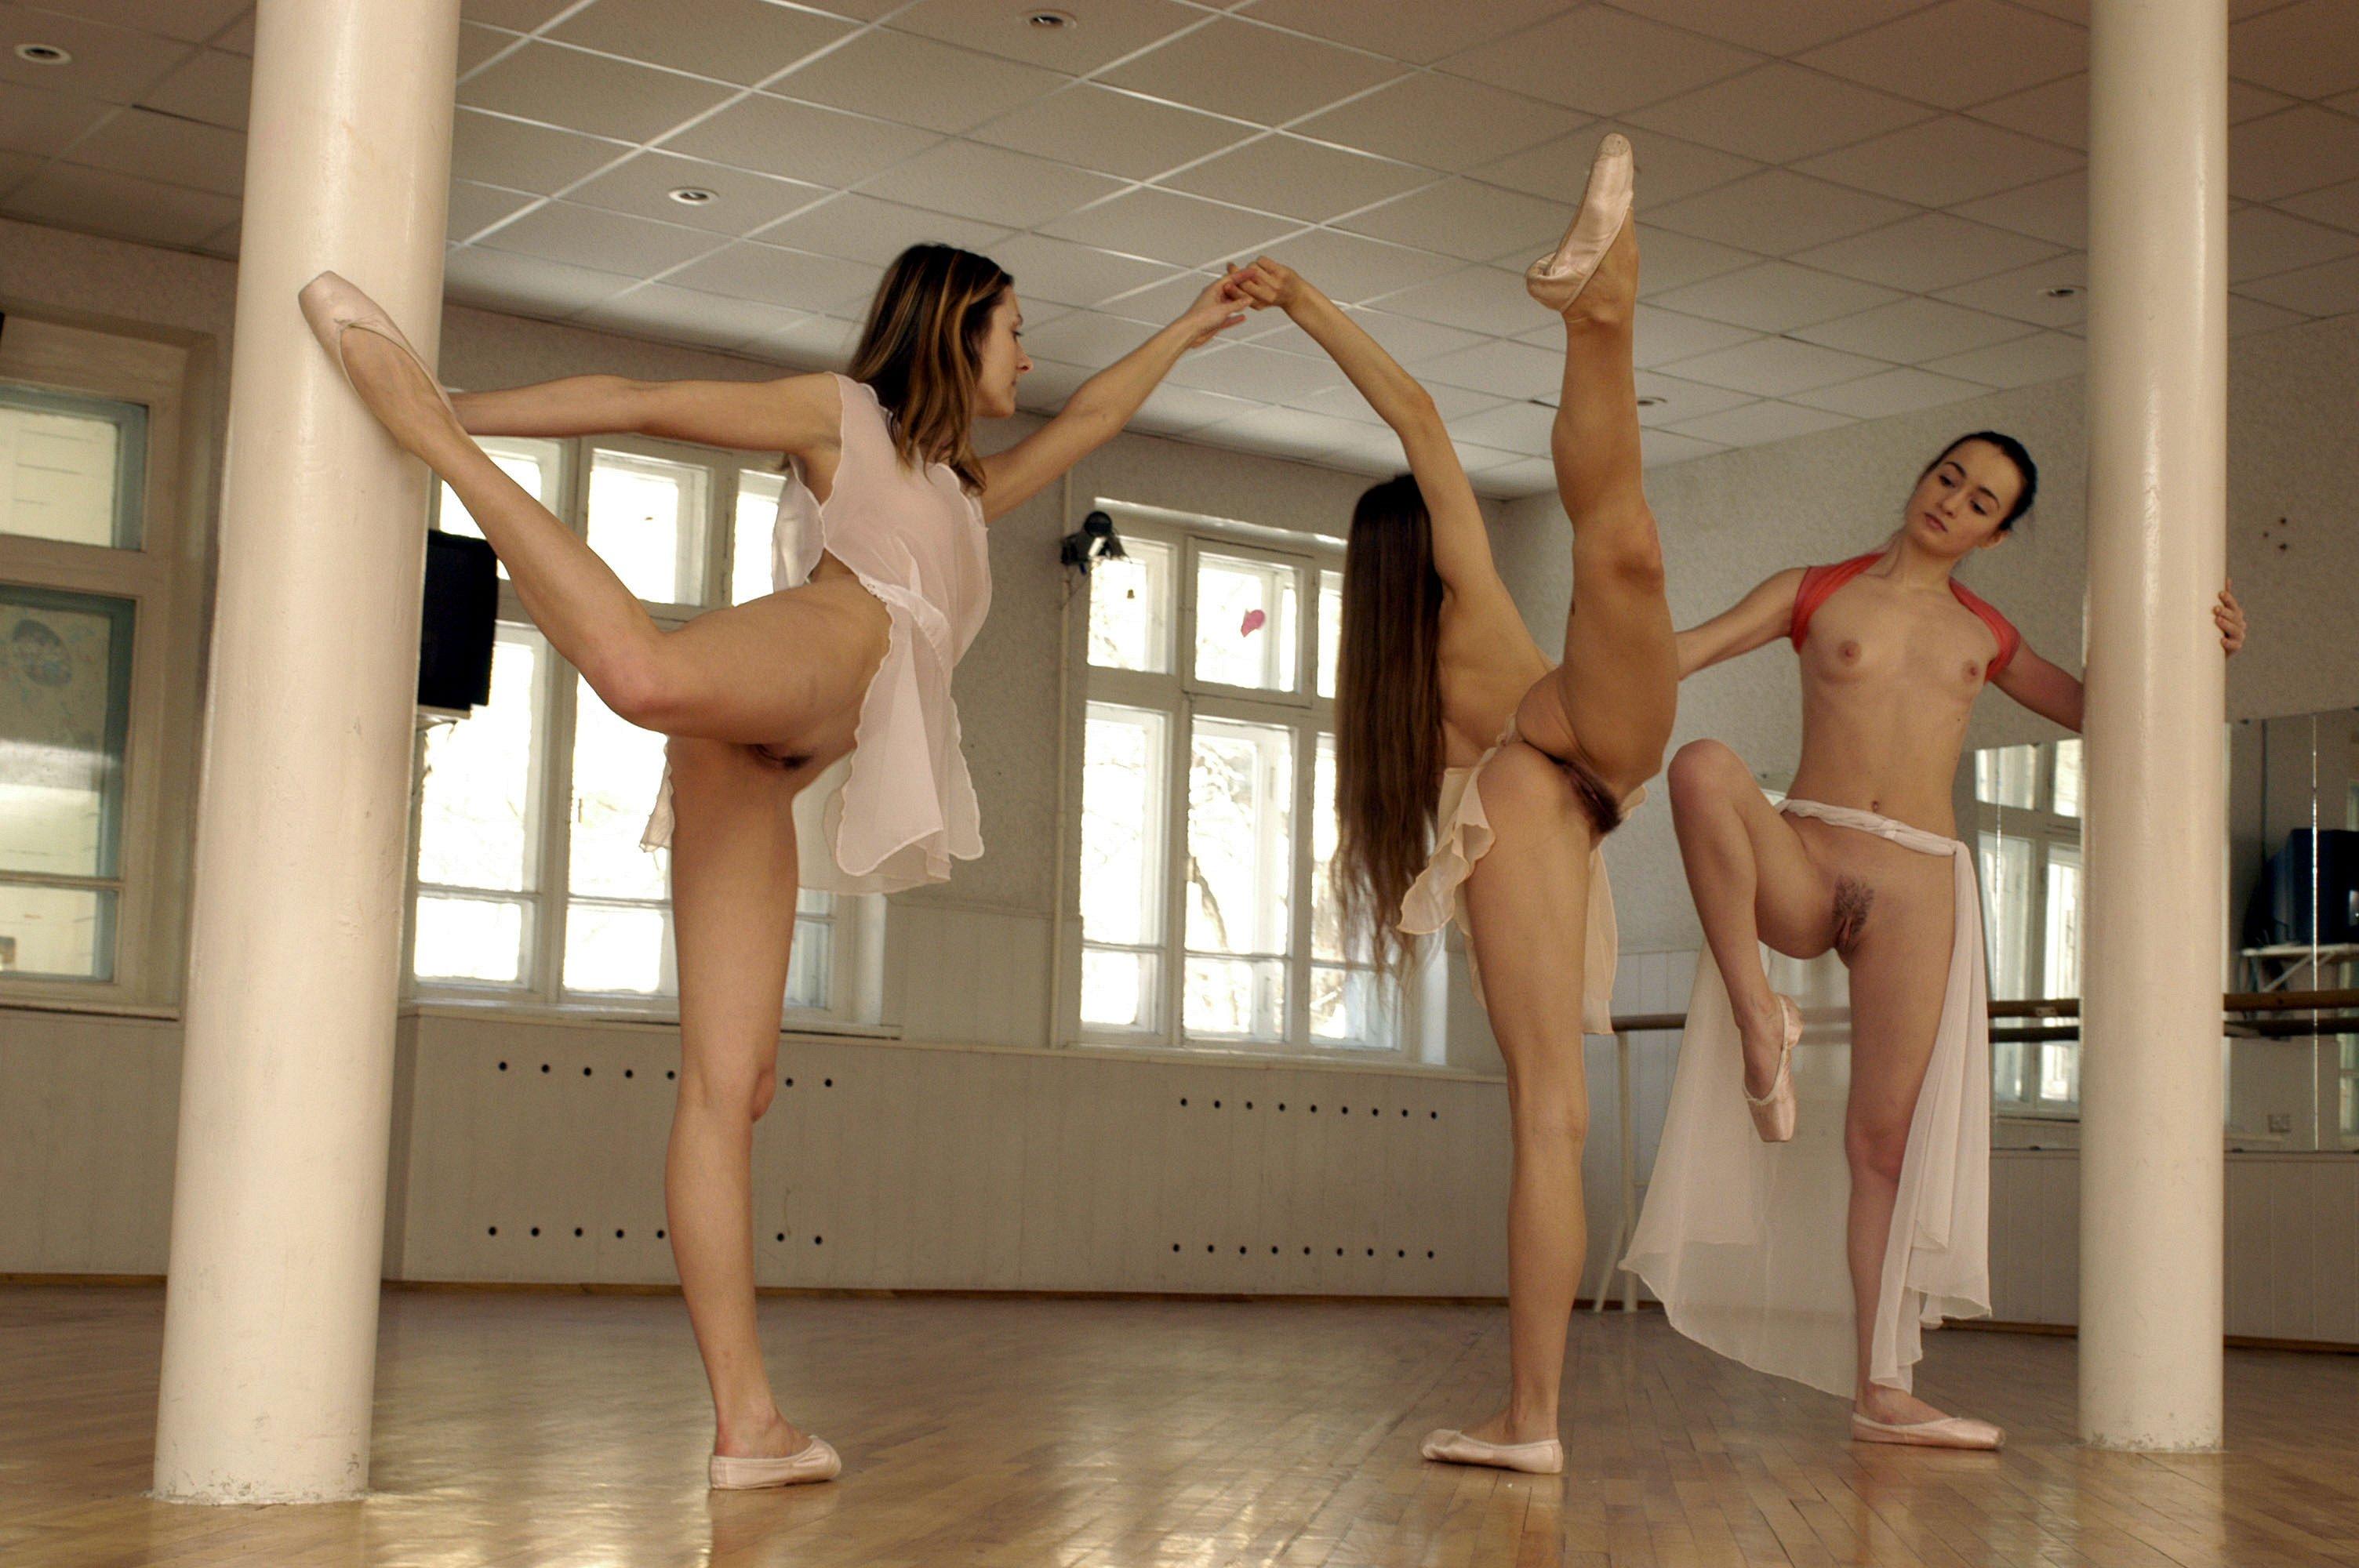 Nude ballet dancers splits